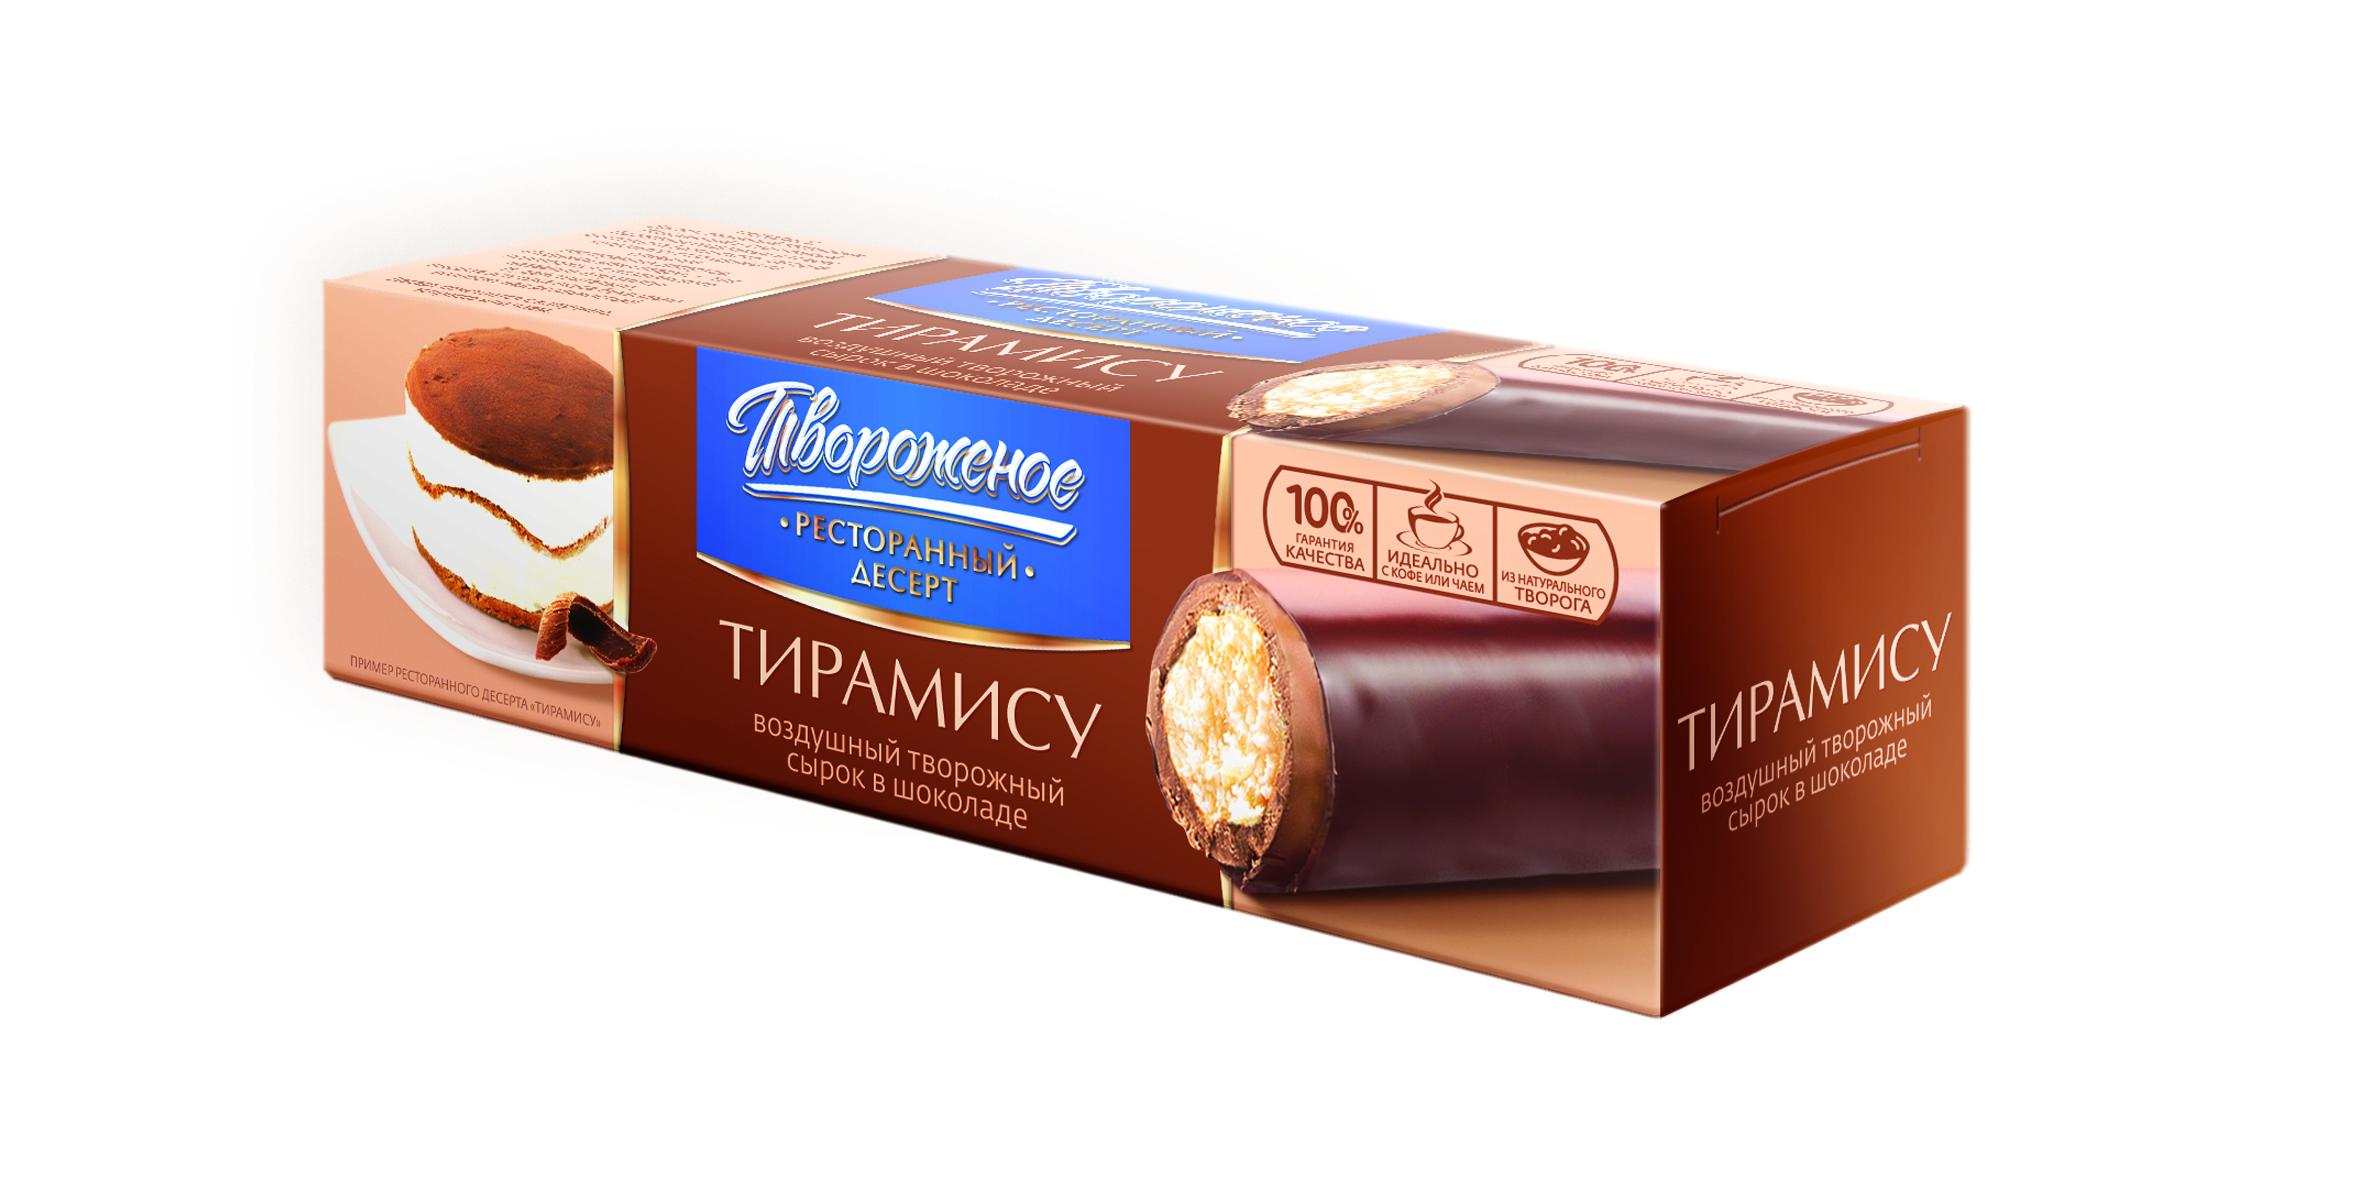 Твороженое Ресторанный десерт Тирамису воздушный творожный сырок в шоколаде 15%, 55 г пудовъ ржаной хлеб с клюквой и анисом 500 г